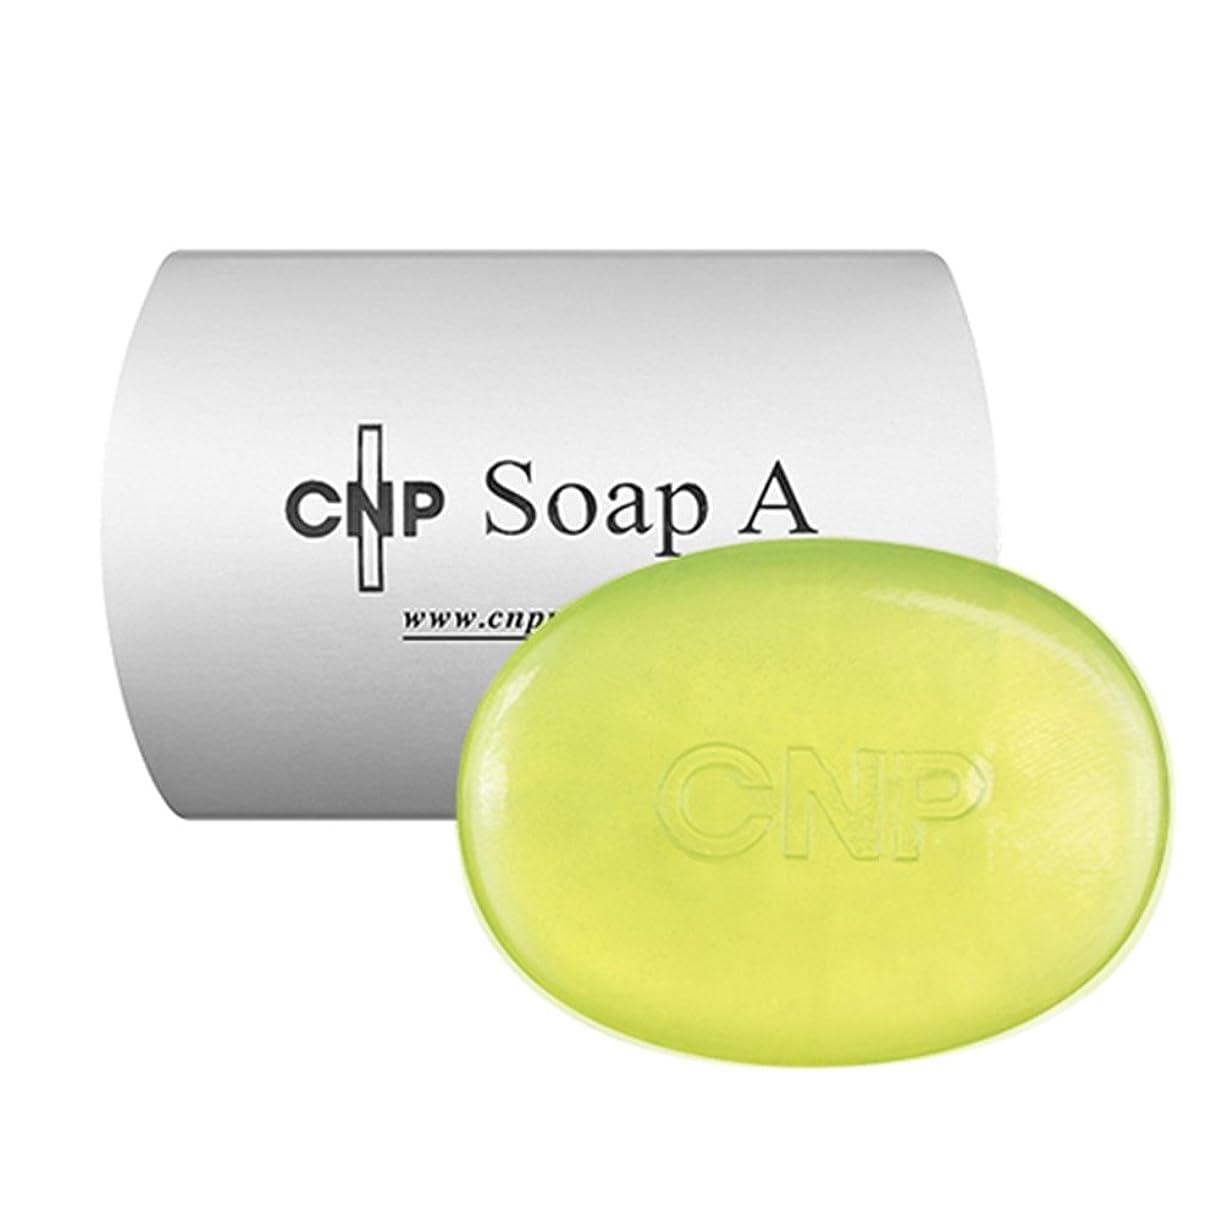 運命的な会社芸術CNP Soap A チャアンドパク ソープ A [並行輸入品]